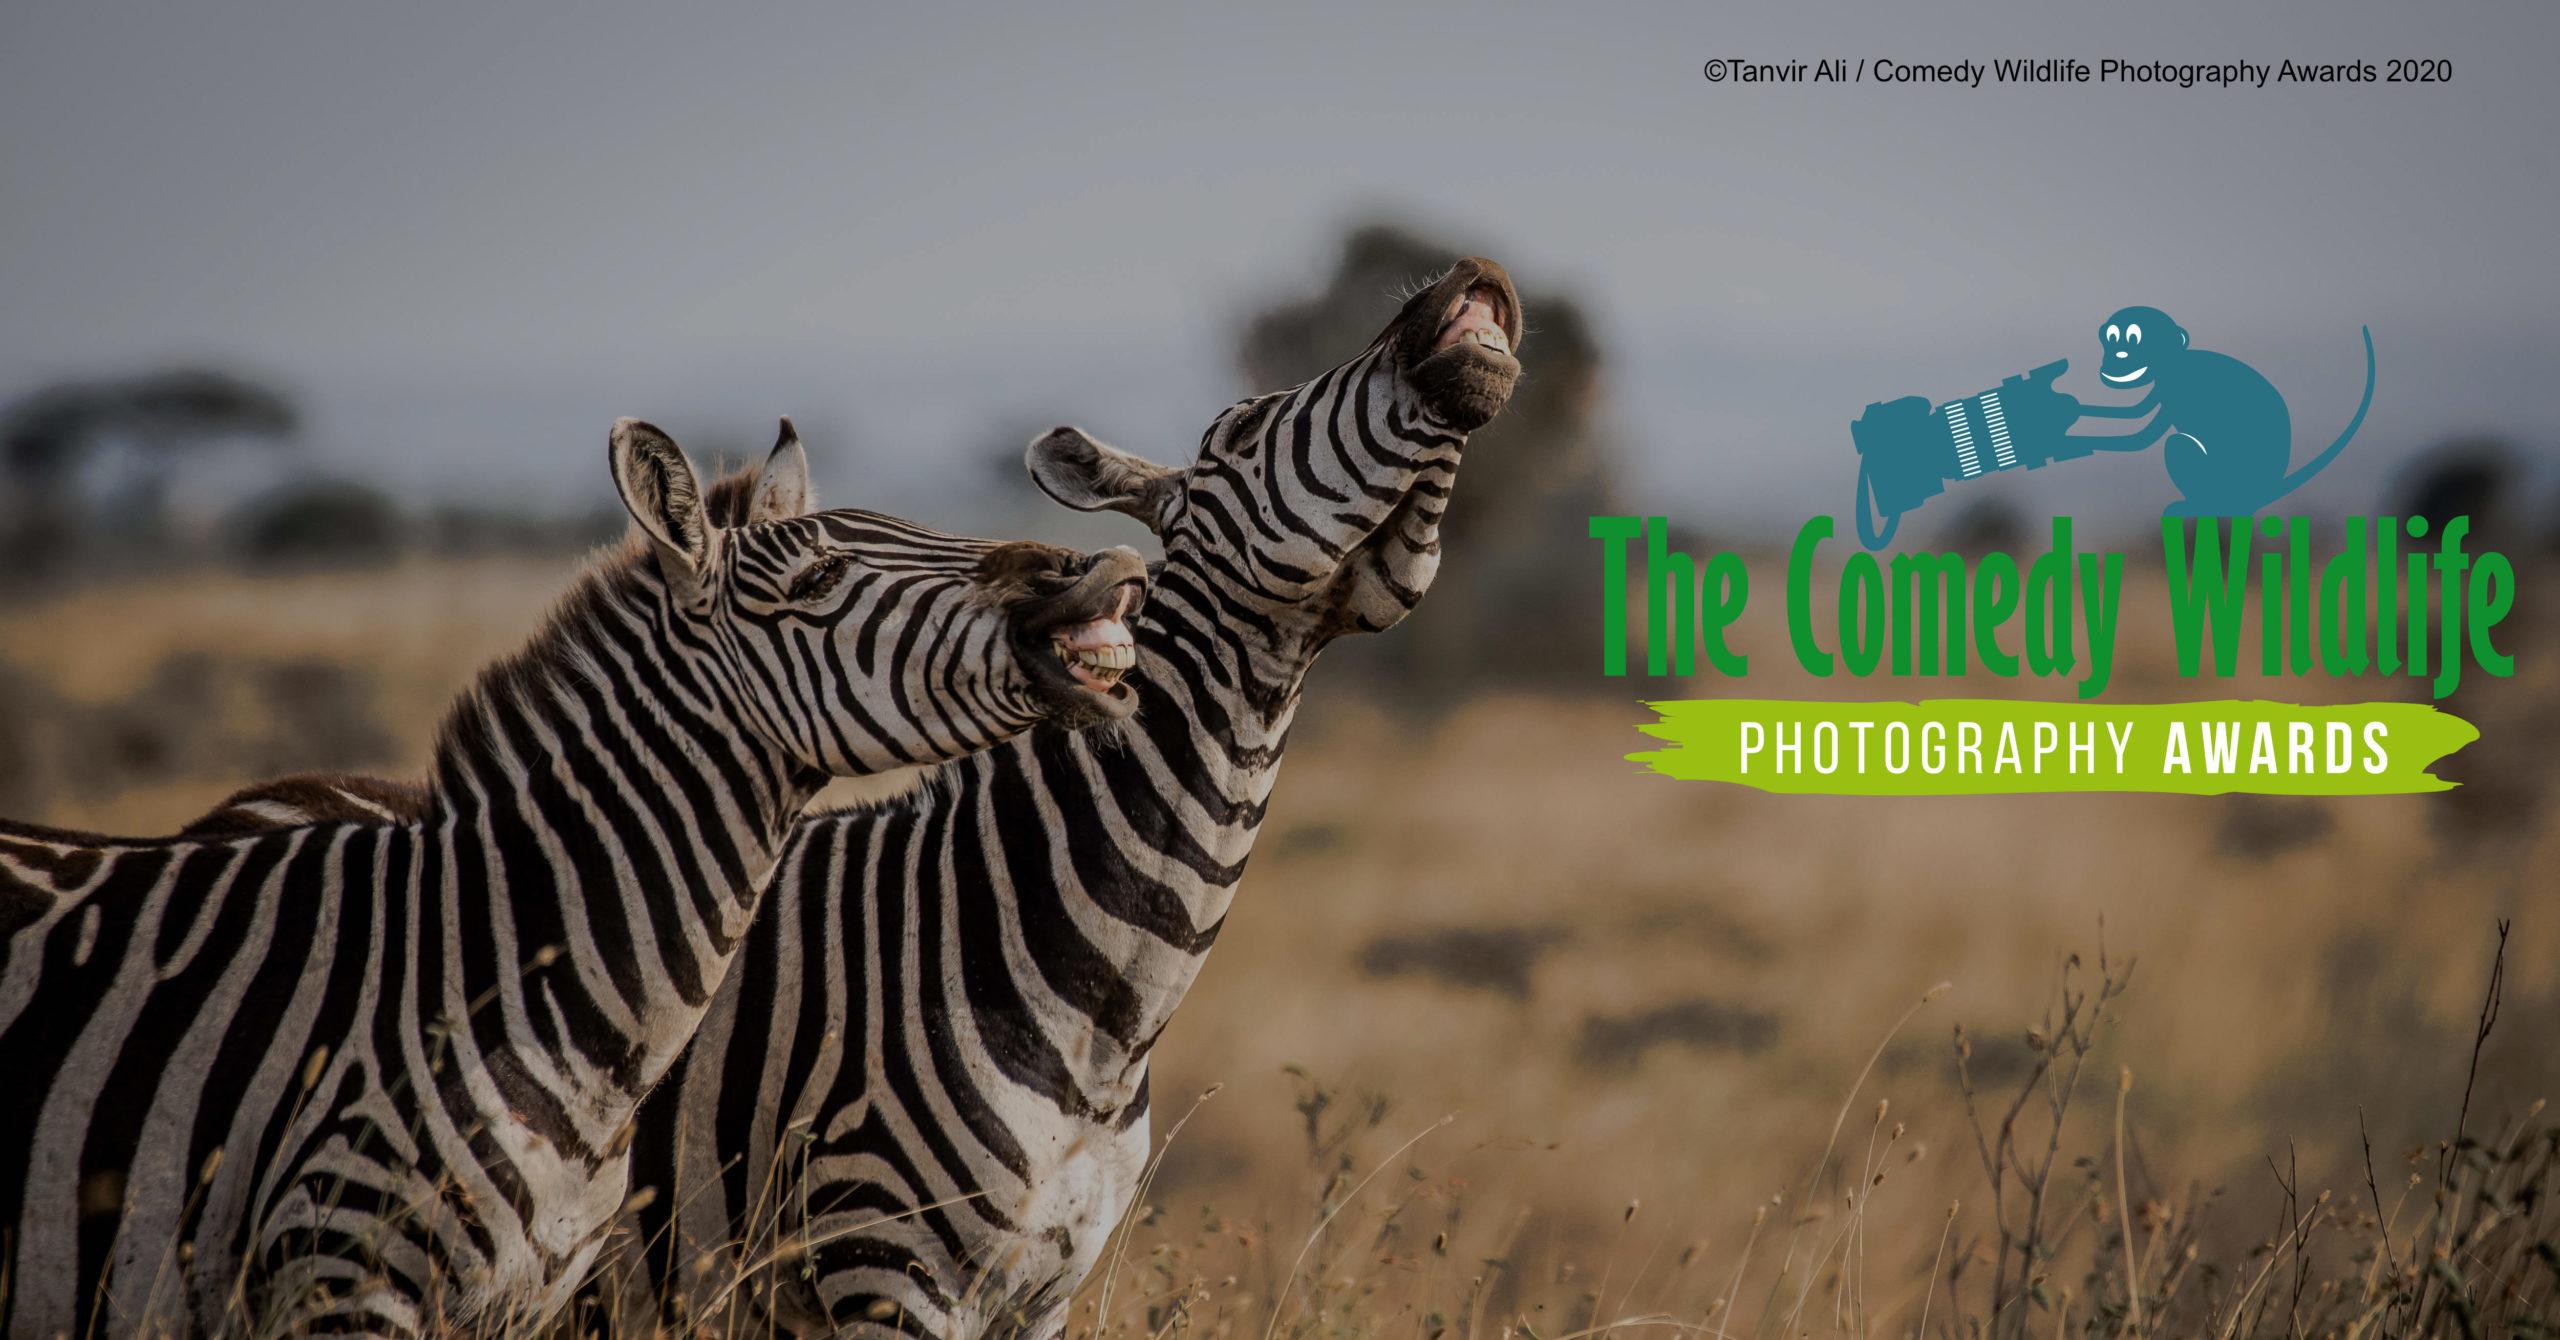 Comedy Wildlife Photography Awards 2020 amplia fechas y nos muestra algunas de las mejores fotos